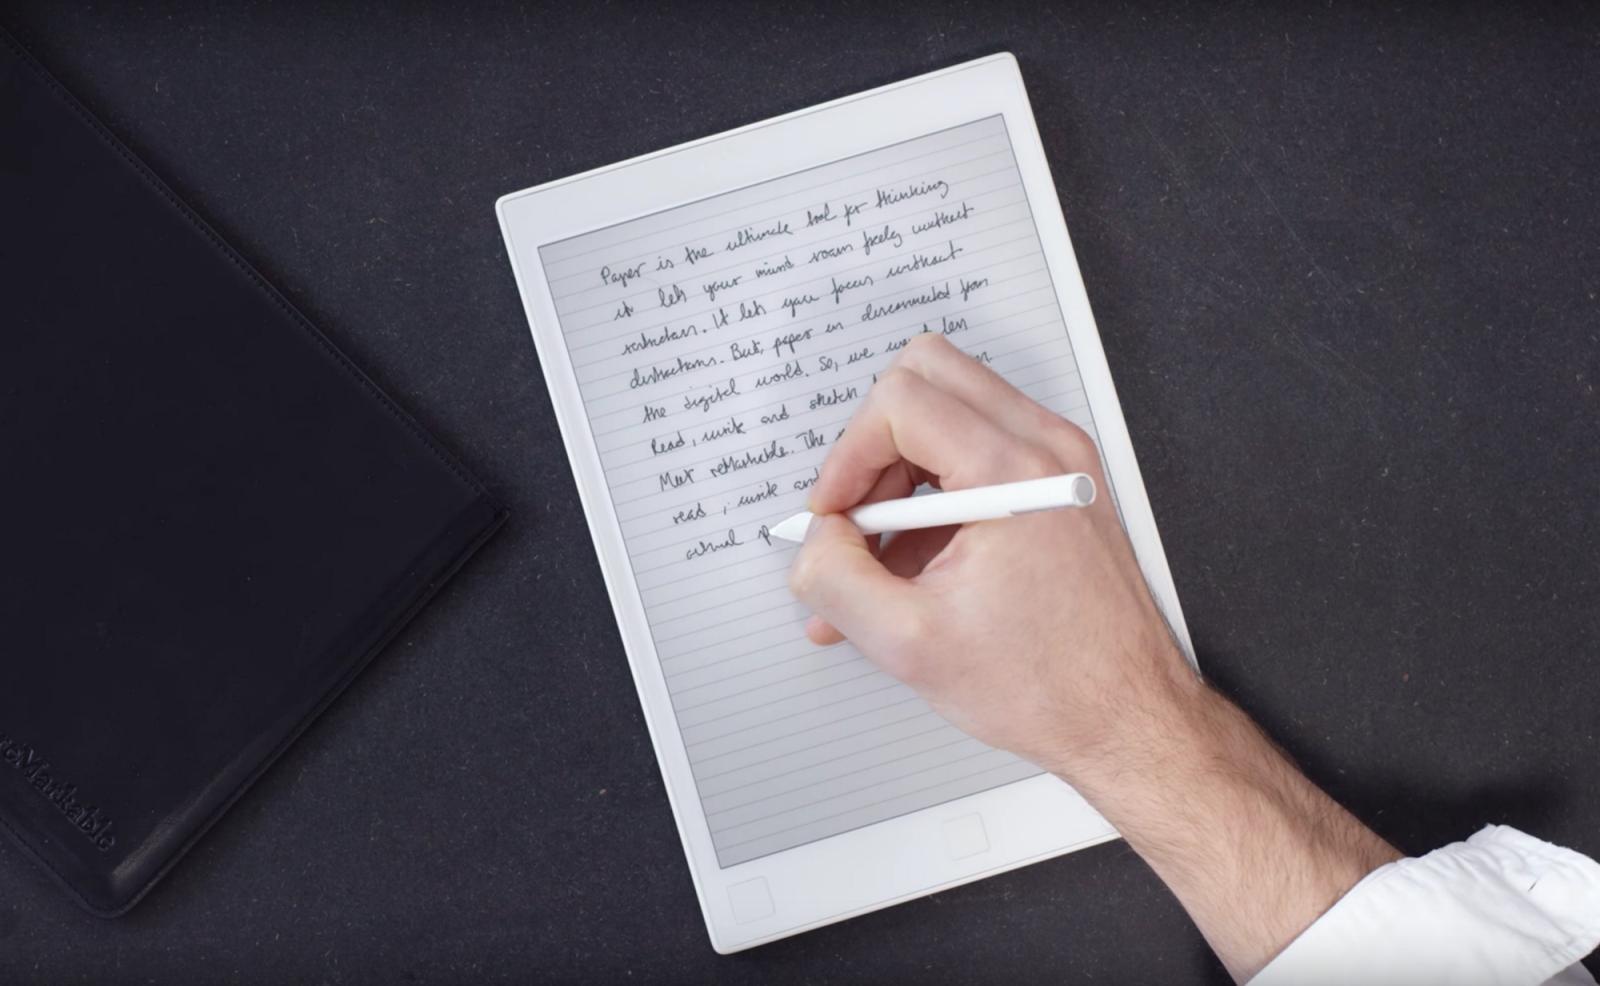 جایگزین دیجیتالی کاغذ با تبلت کاغذی